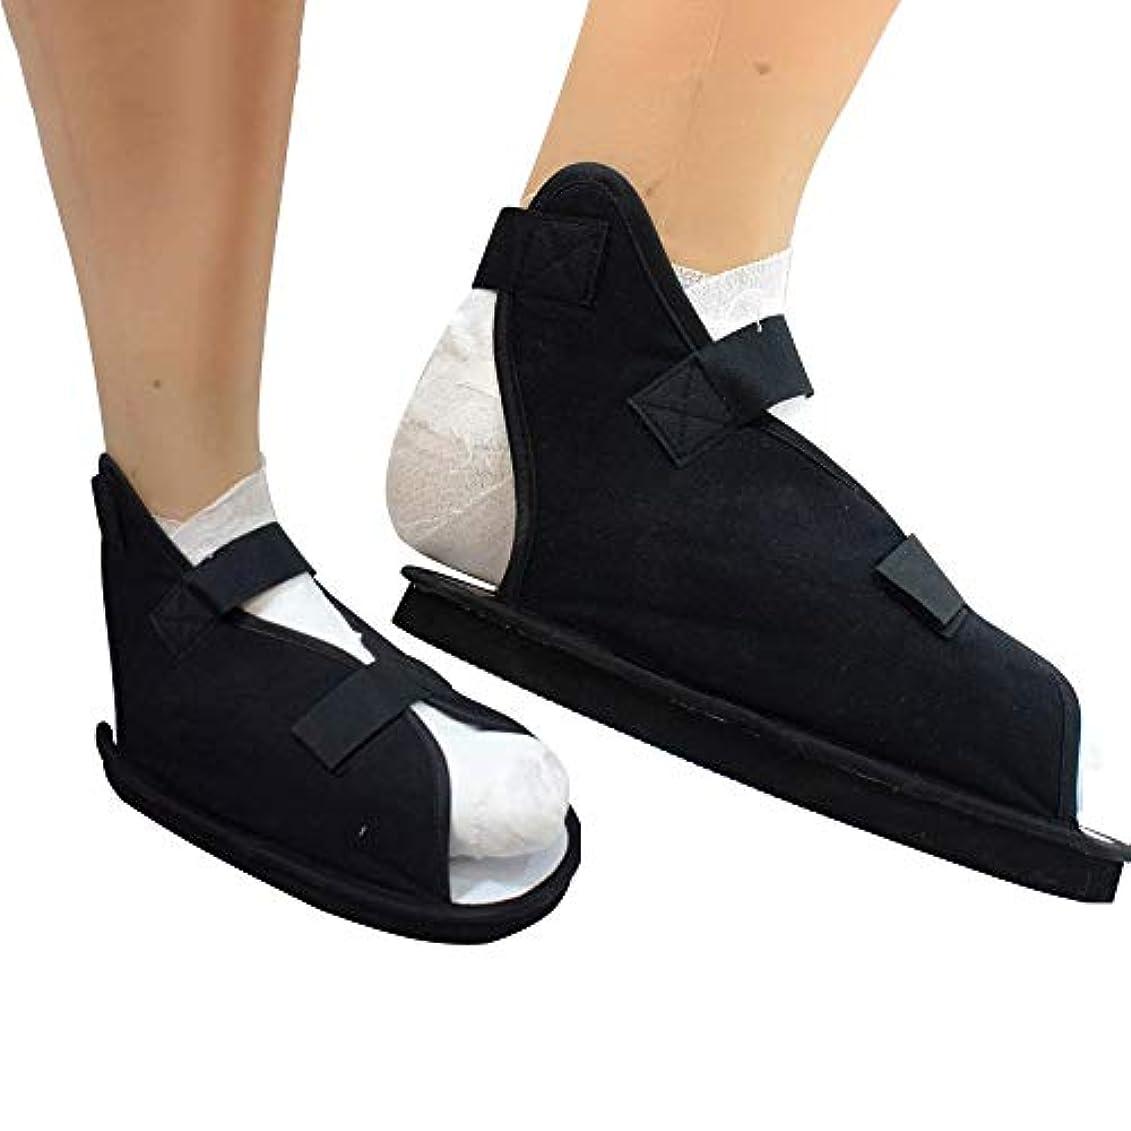 受け取る積分精緻化調整可能な術後オープントゥシューズ - 軽量医療用ウォーキングブーツ - 足首骨折用術後シューズ(1パック) (Size : M)